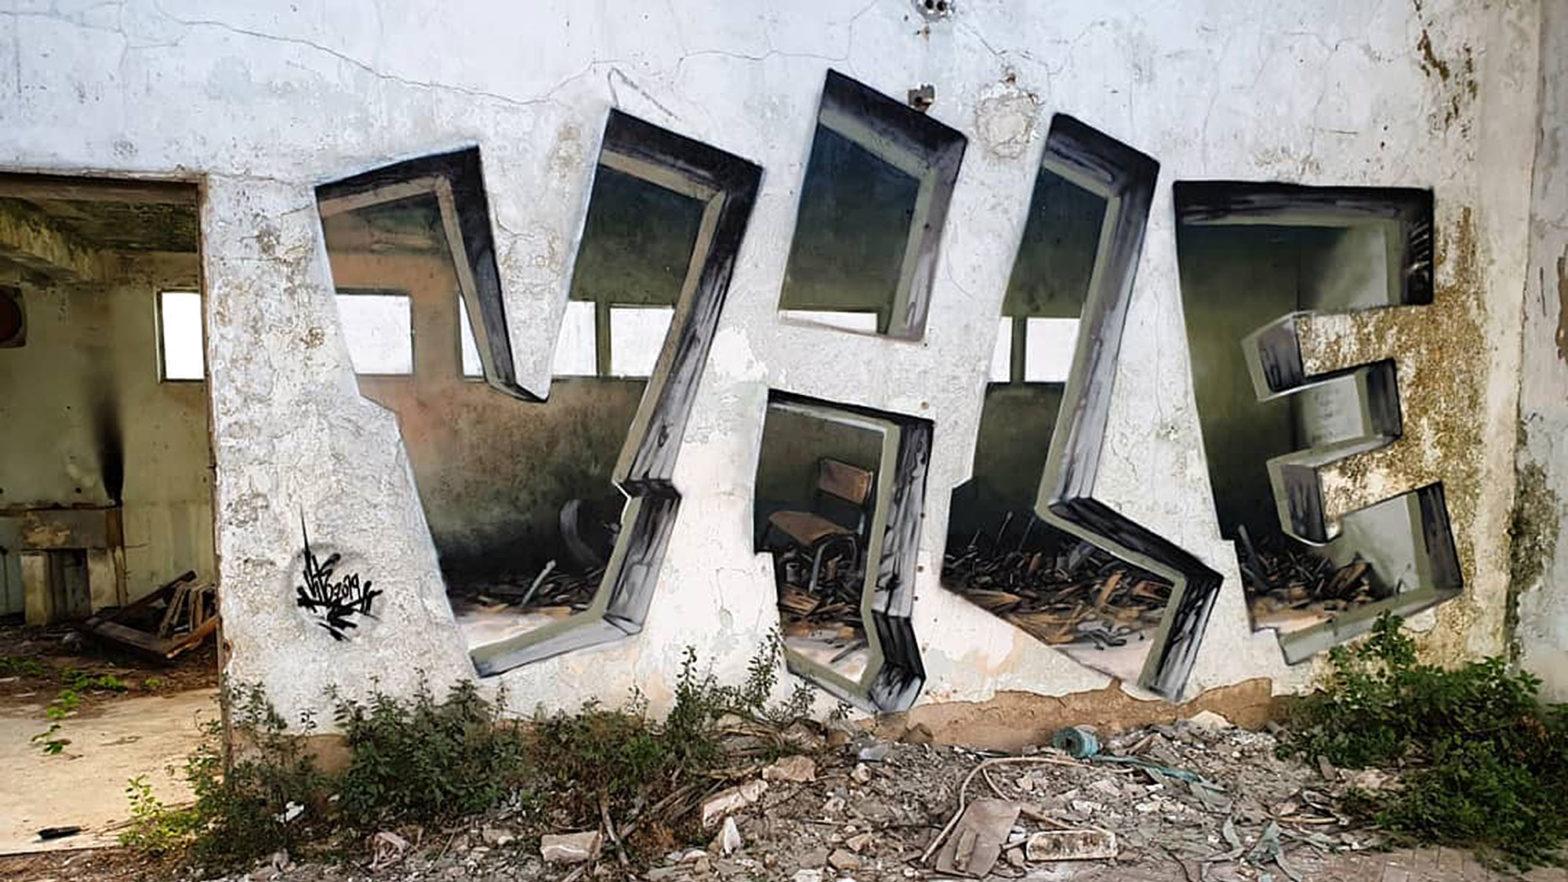 Vile Cut-through Graffiti Art